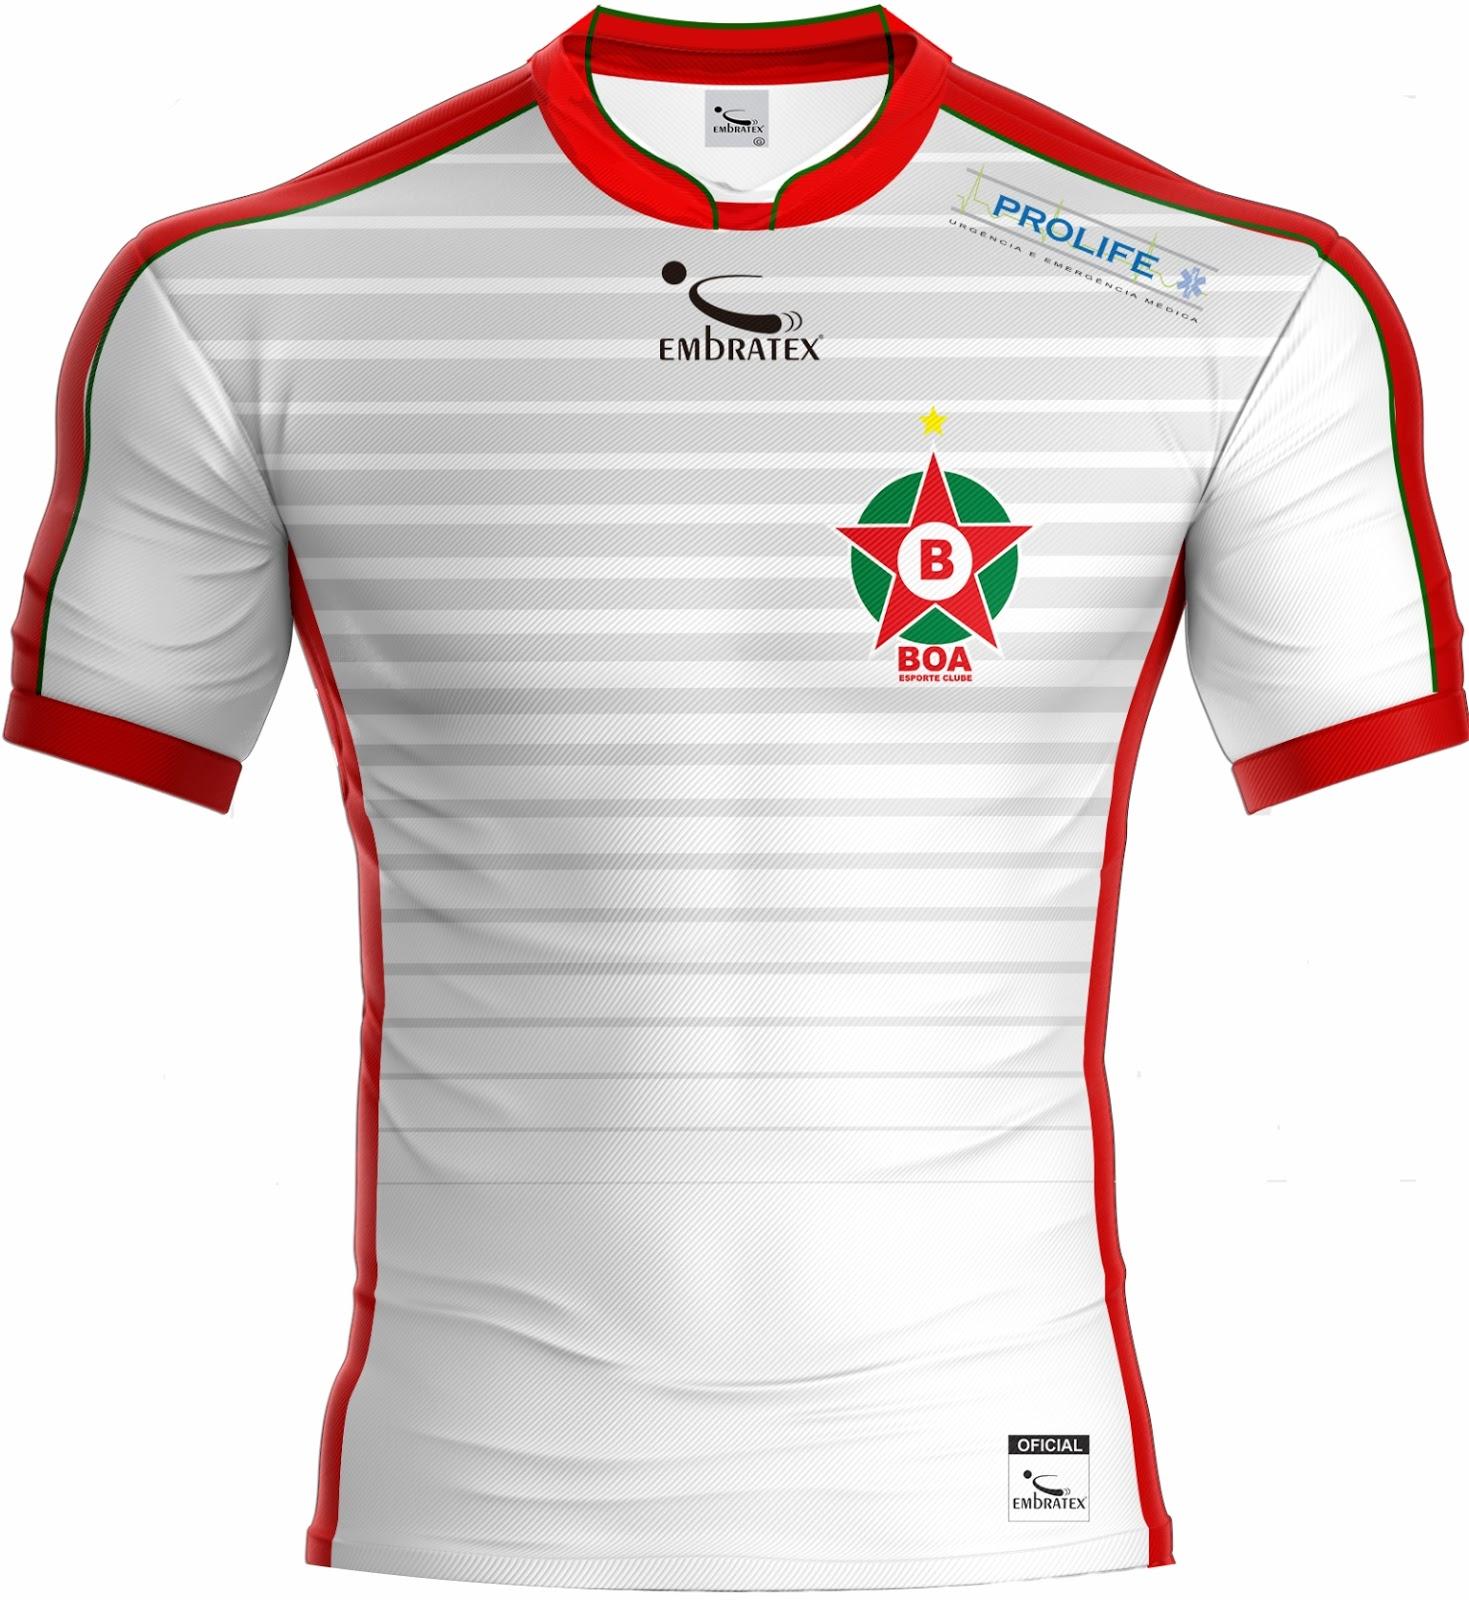 A camisa reserva é listrada horizontalmente em branco e cinza em diversas  espessuras. A gola e a faixa dos ombros que vai até as mangas é vermelha abd99cc440152